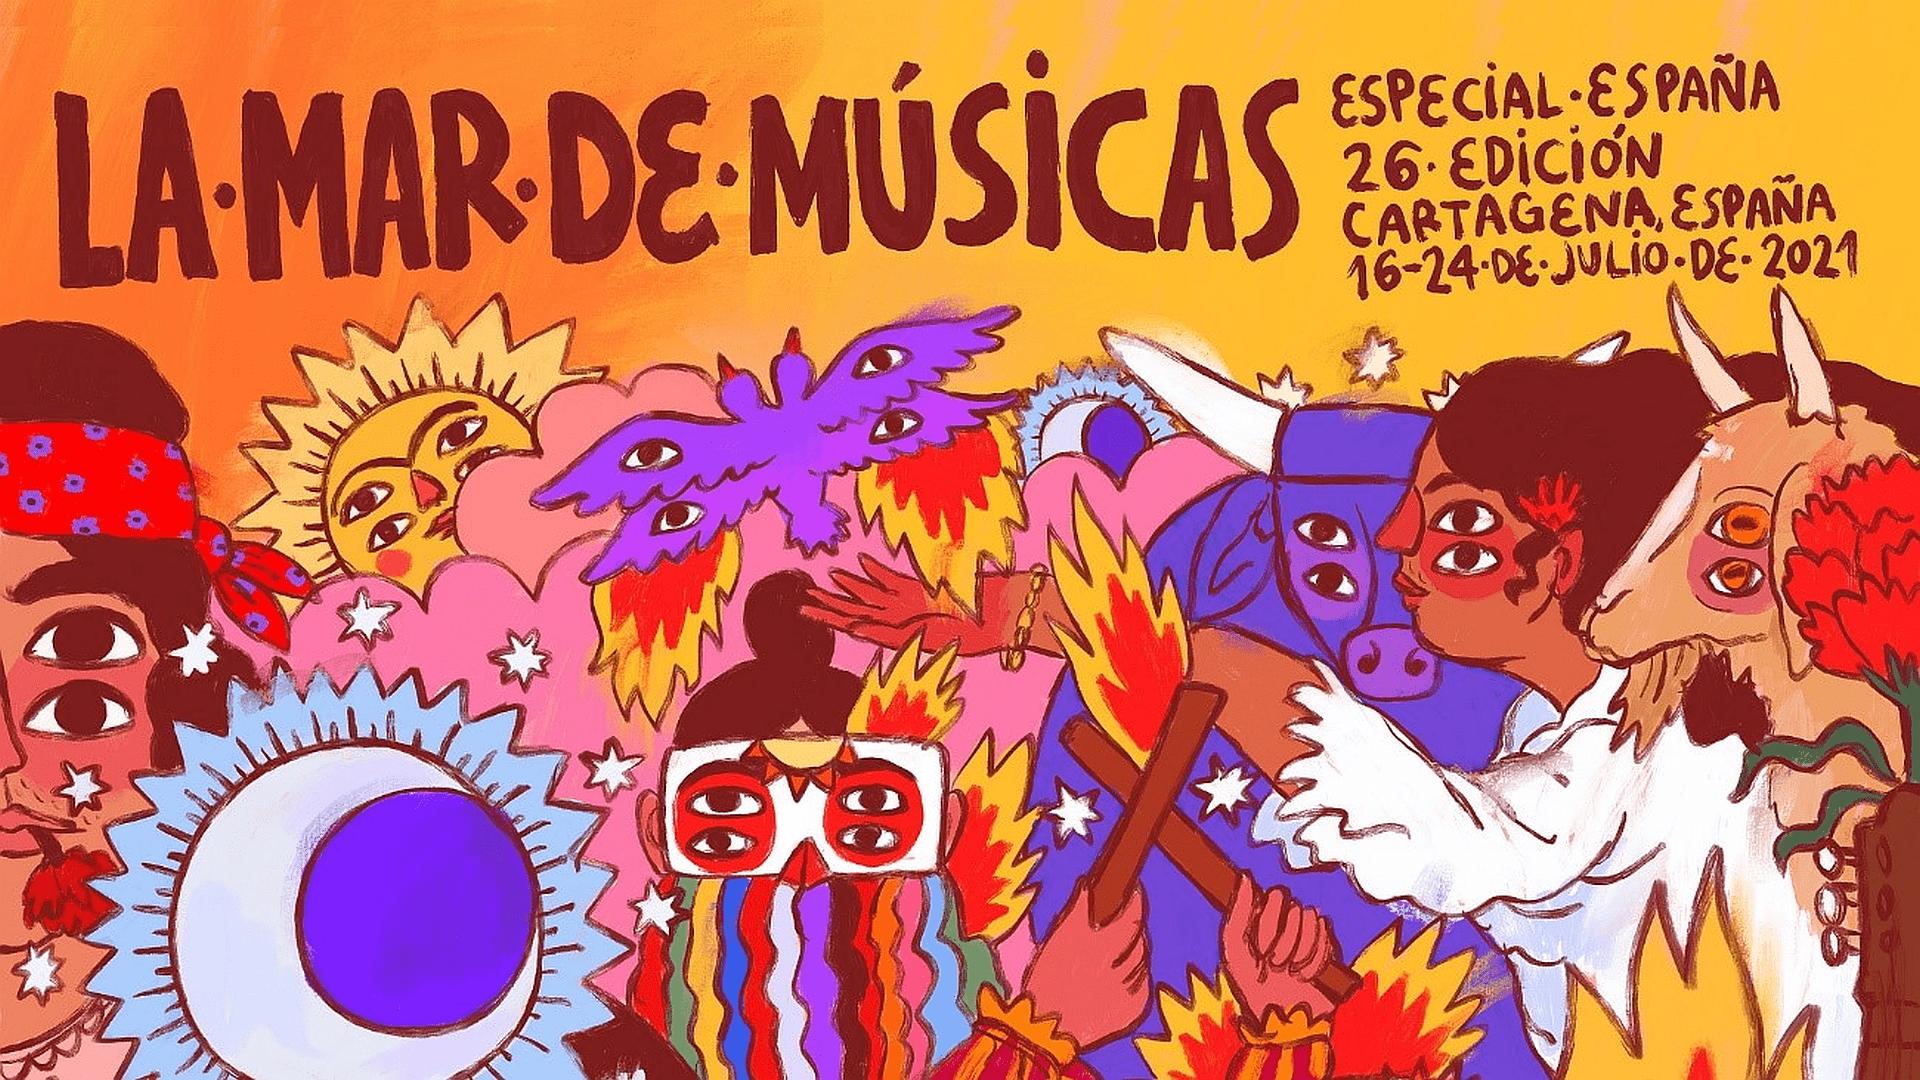 26ª edición de La mar de músicas 2021